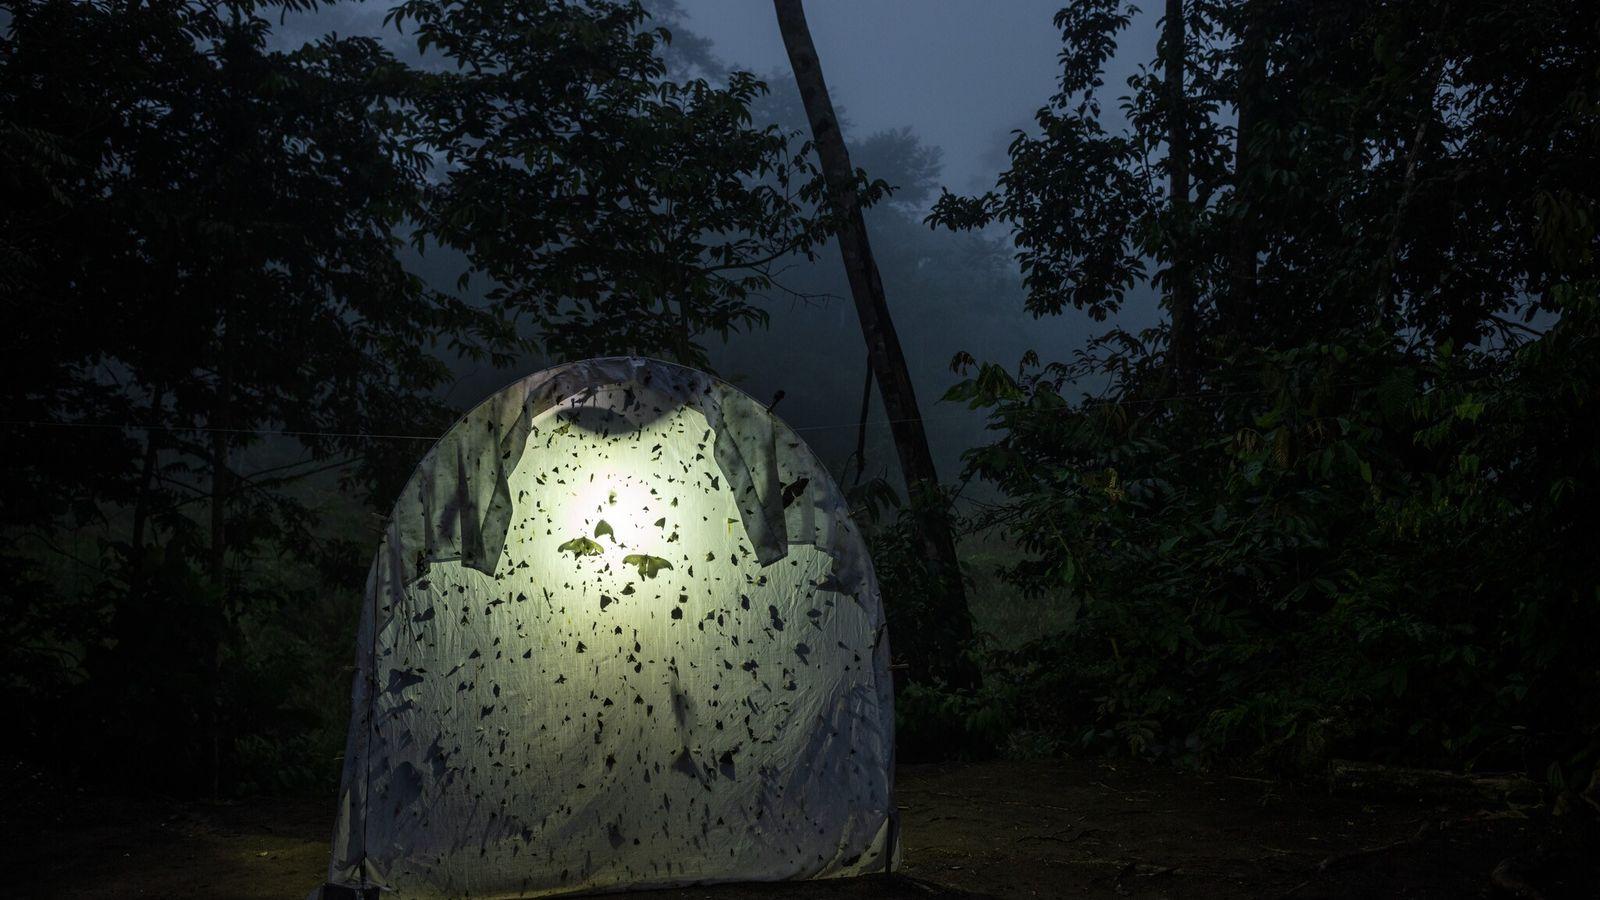 Insetos voadores noturnos pousam em um tecido iluminado em uma estação de campo no Equador.